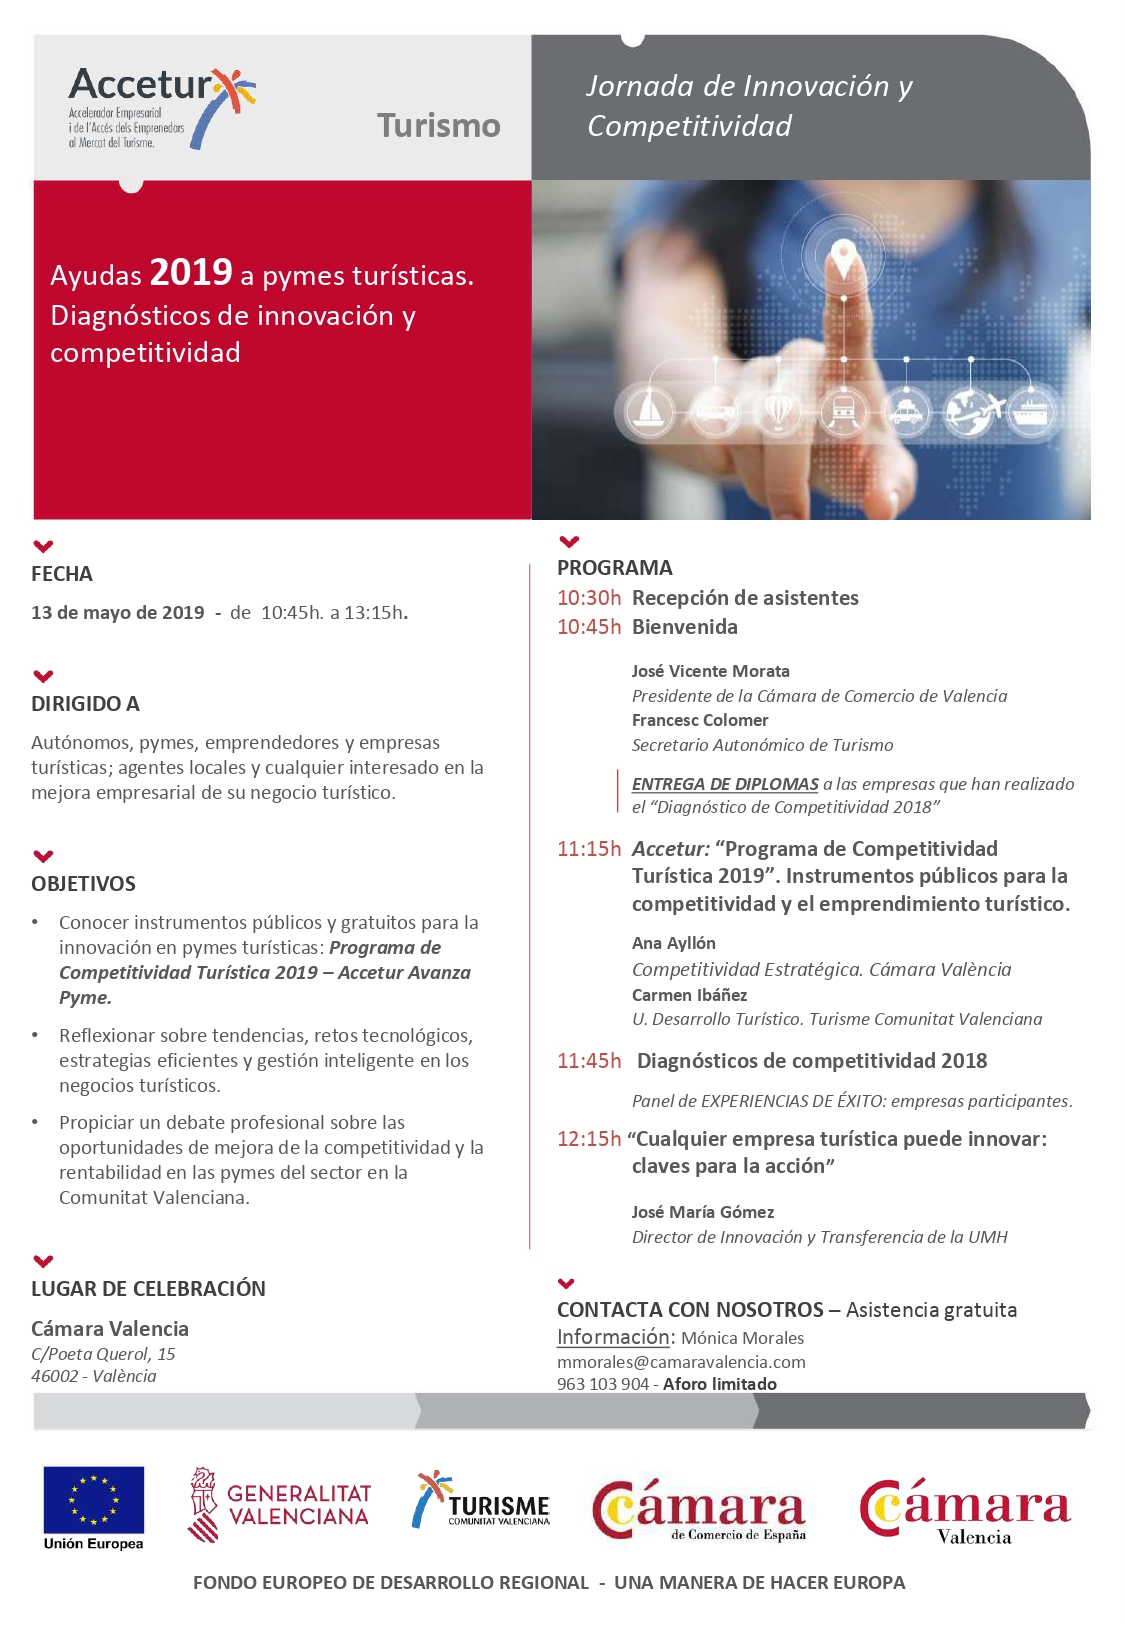 Programa de las Jornadas de Competitividad Accetur 2019 en Valencia. Versión en Castellano